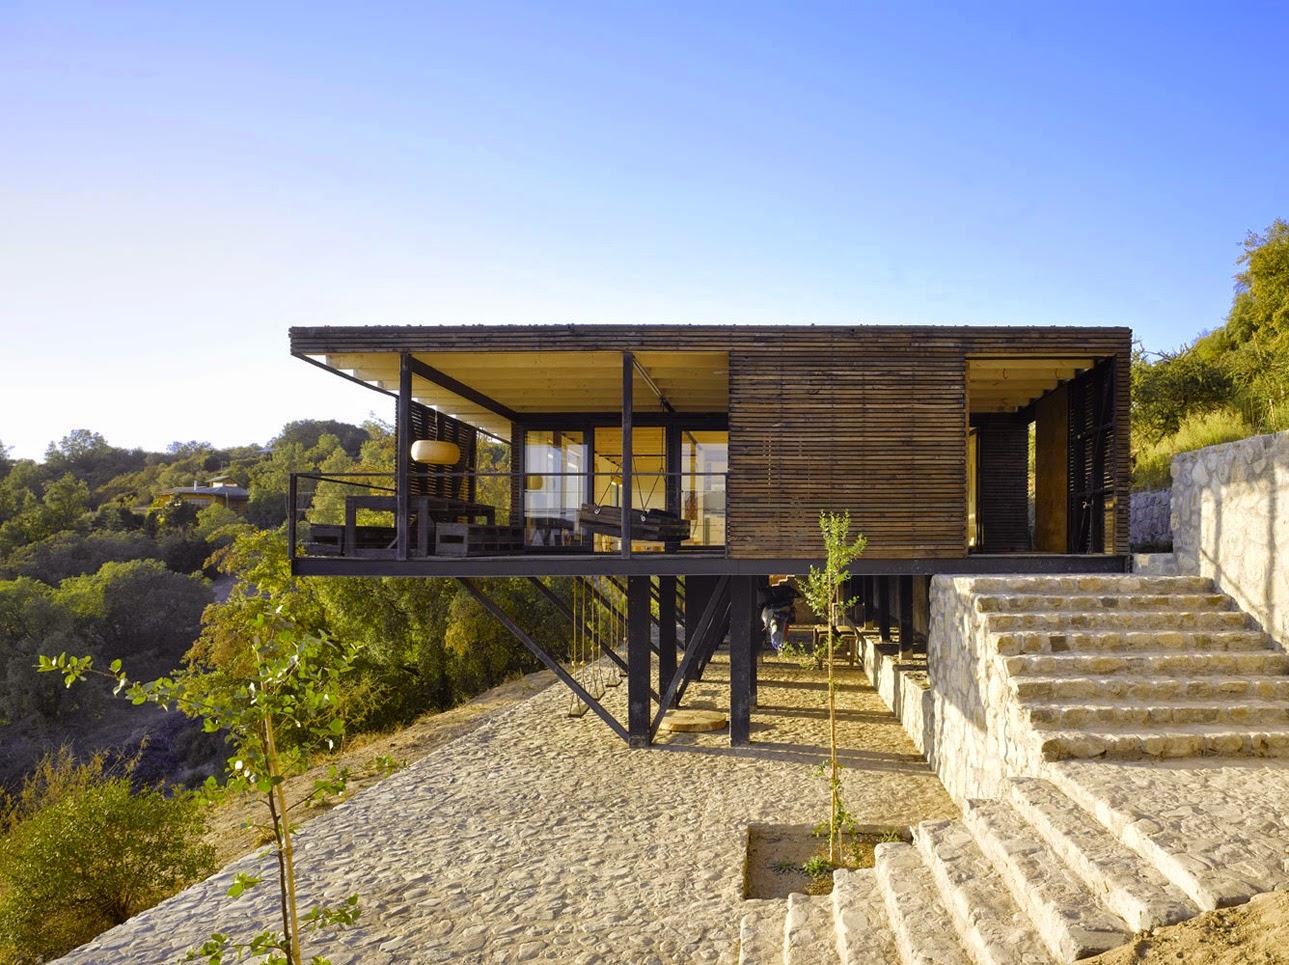 Hestia dise o casa raul mathias klotz for Sip houses usa